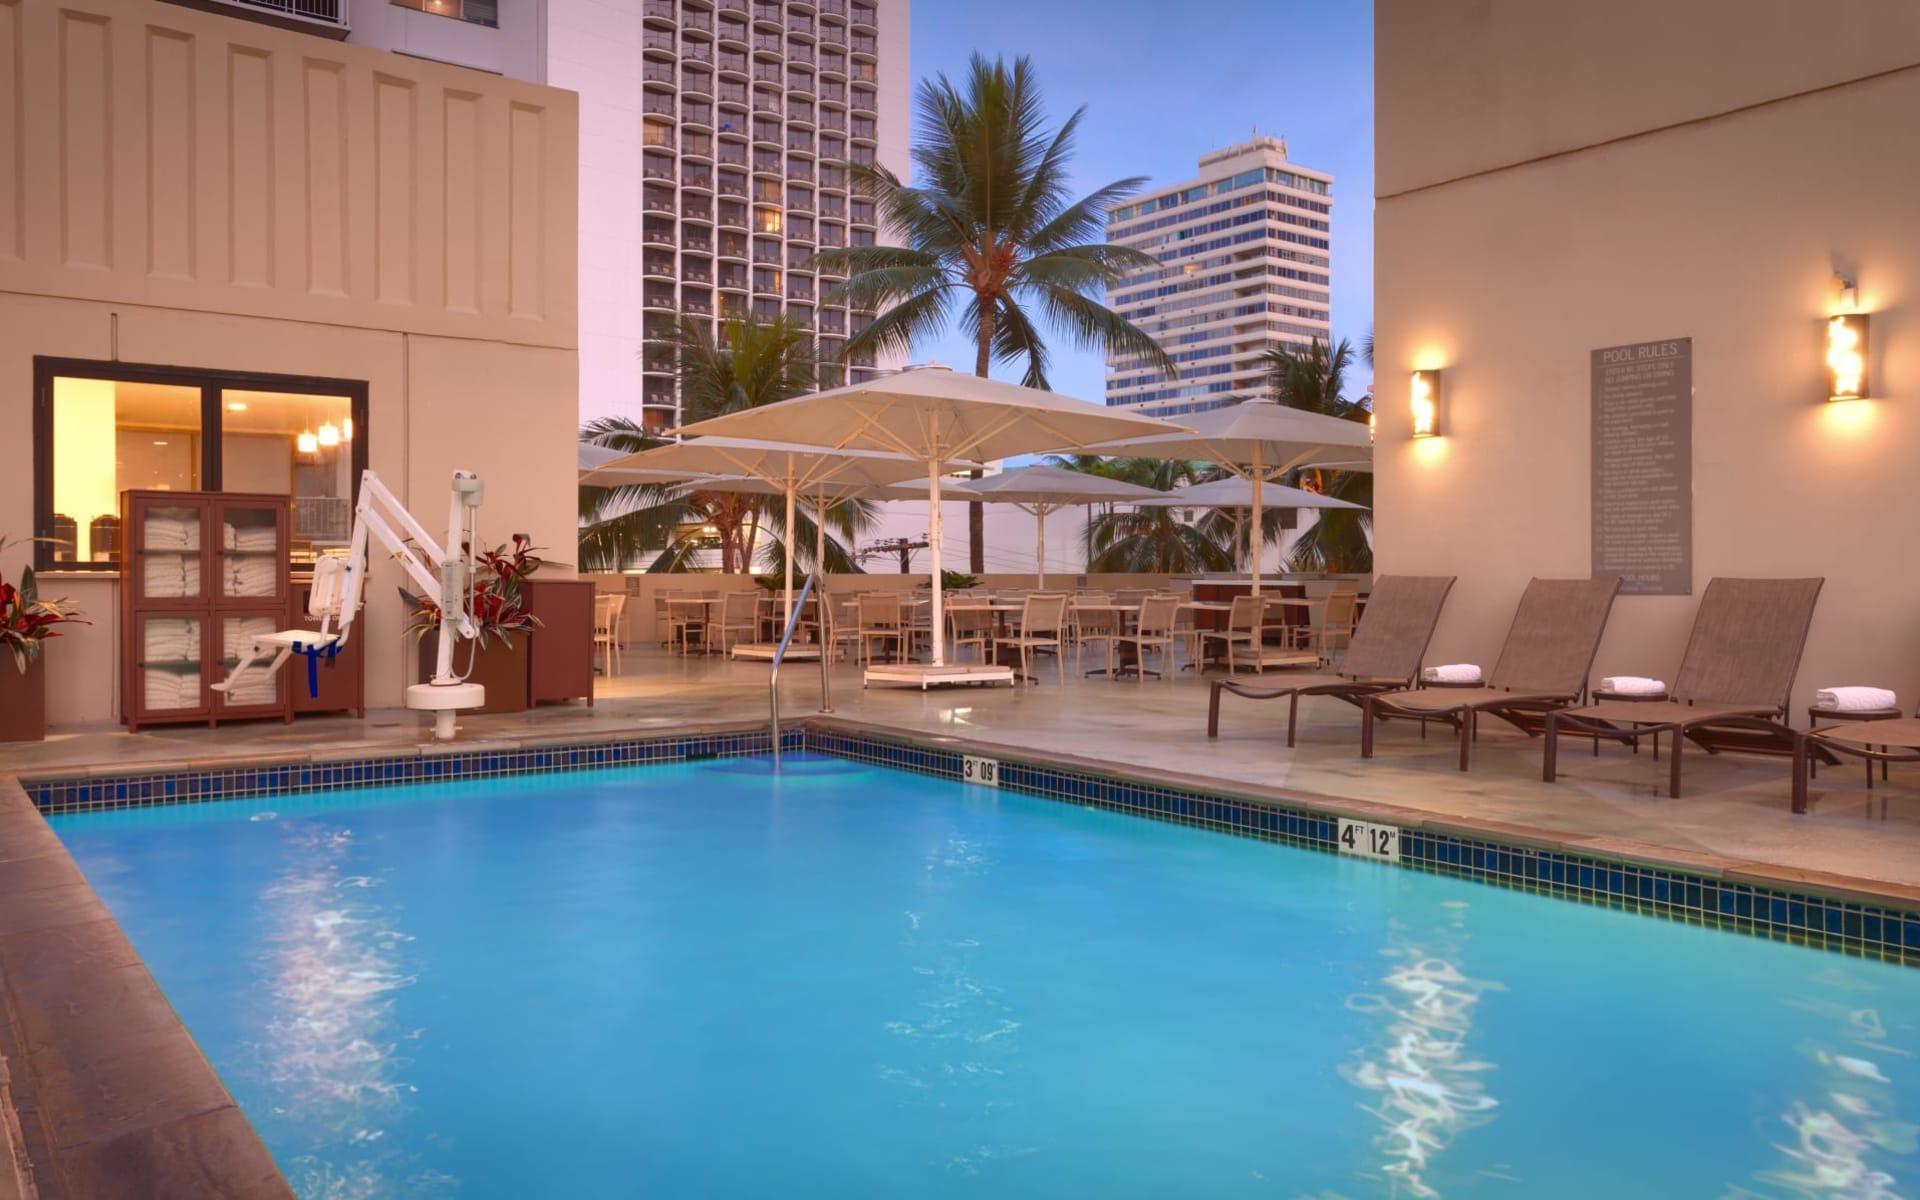 Hyatt Place Waikiki Beach in Honolulu - Oahu: Facilities_Hyatt Place Waikiki Beach_Pool_ATI